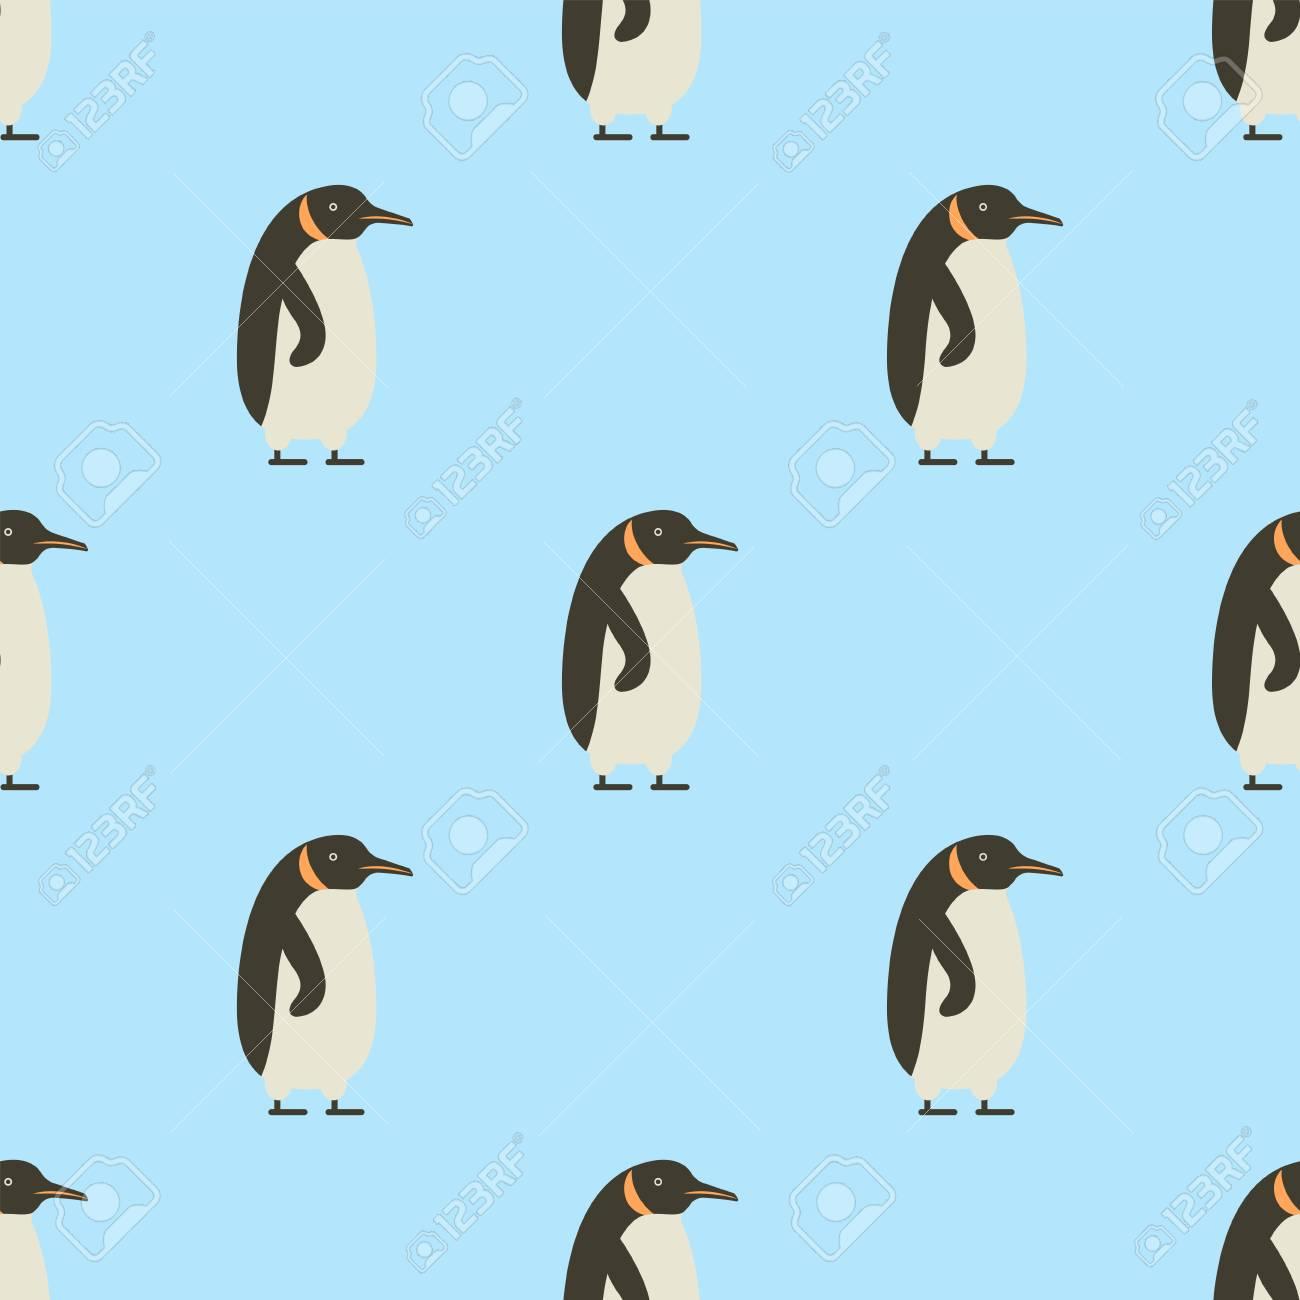 青い背景冬鳥漫画冷たい氷動物壁紙ベクトル イラストのペンギンの